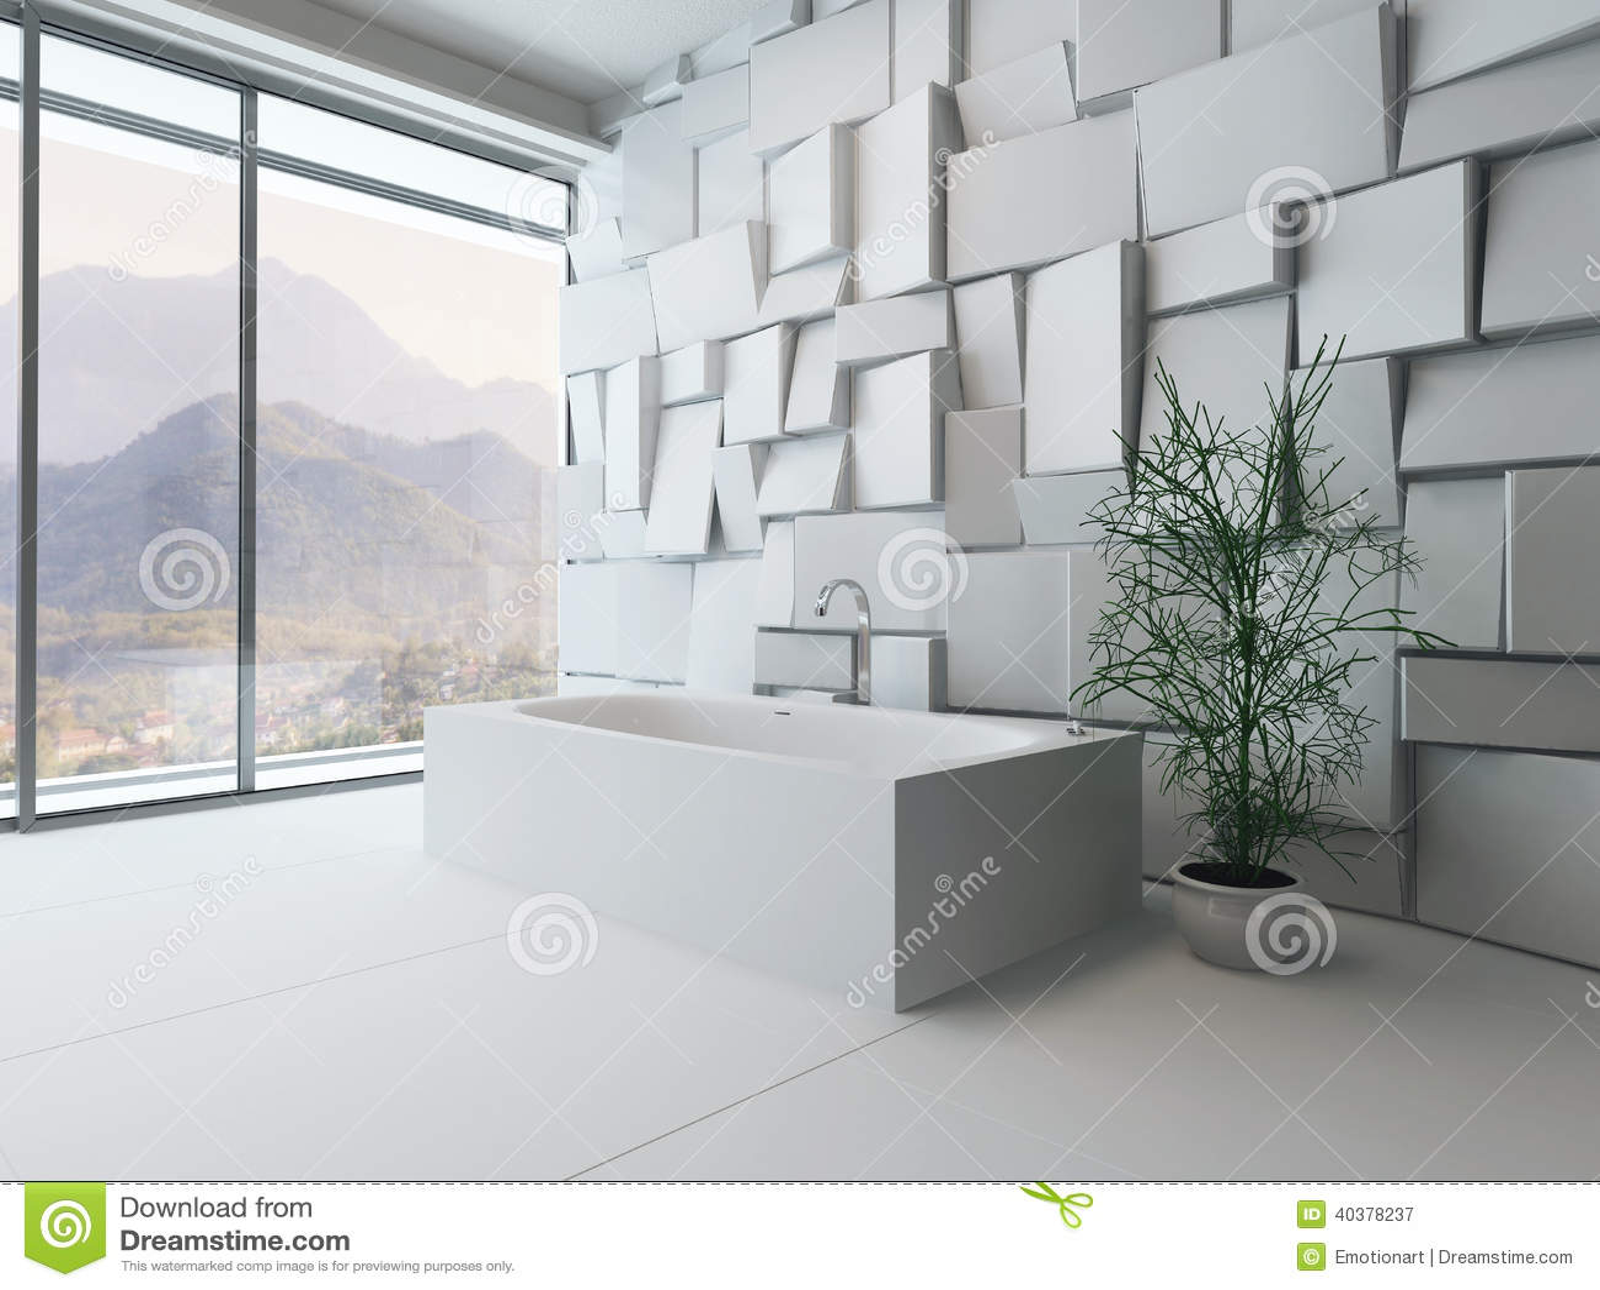 Moderno Do Banheiro Com Banheira Foto de Stock Imagem: 40378237 #82A328 1300 1065